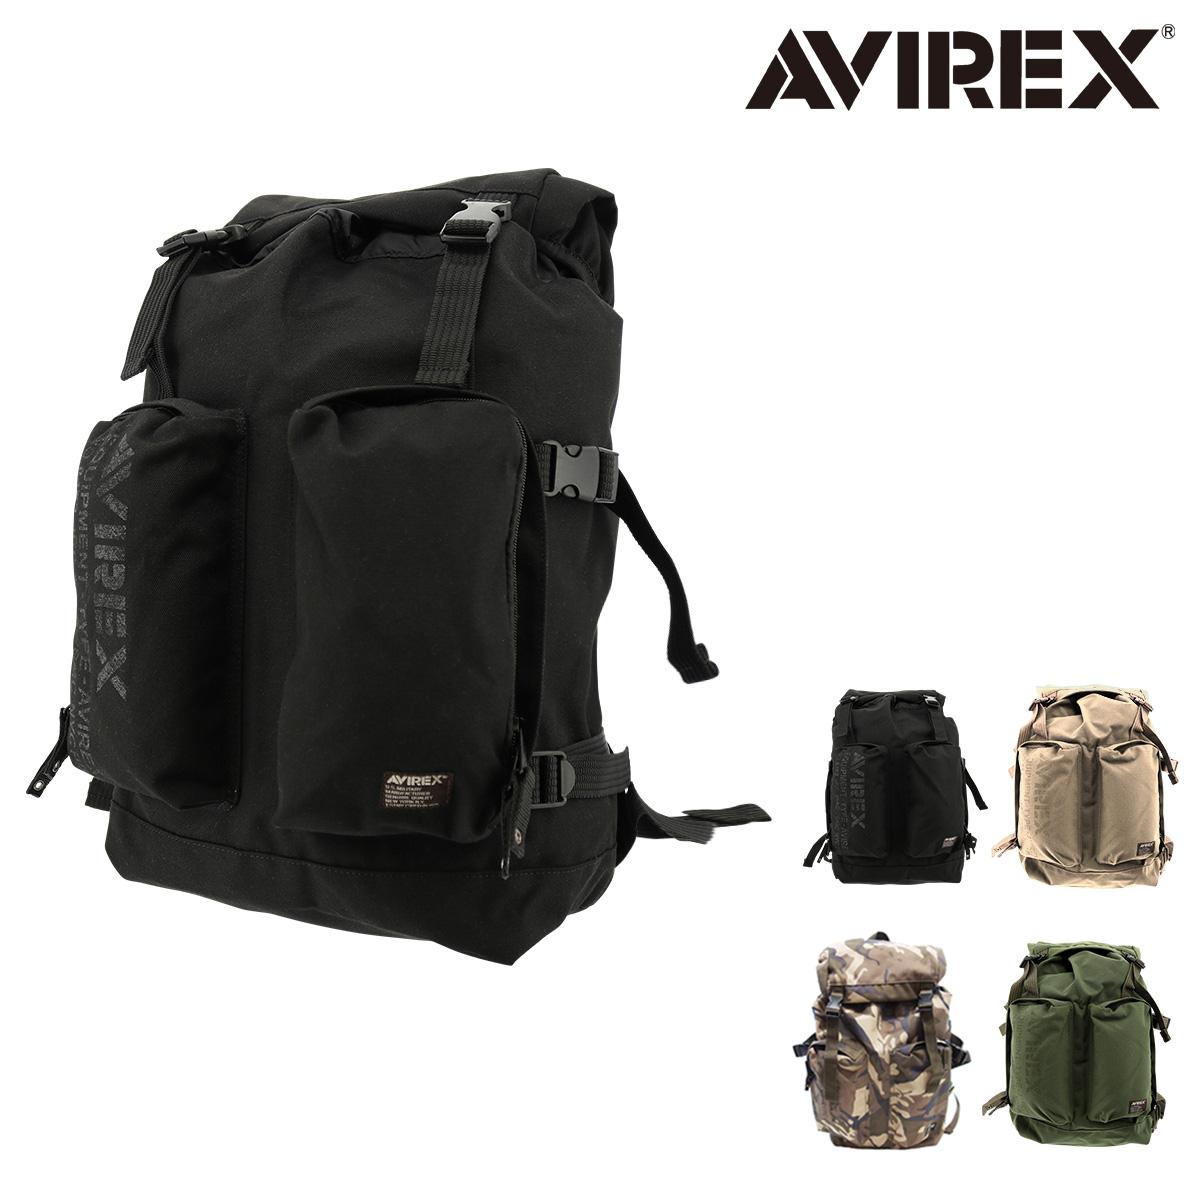 アヴィレックス リュック イーグル メンズ AVX3511 AVIREX | キャンバス 撥水[bef][PO10]